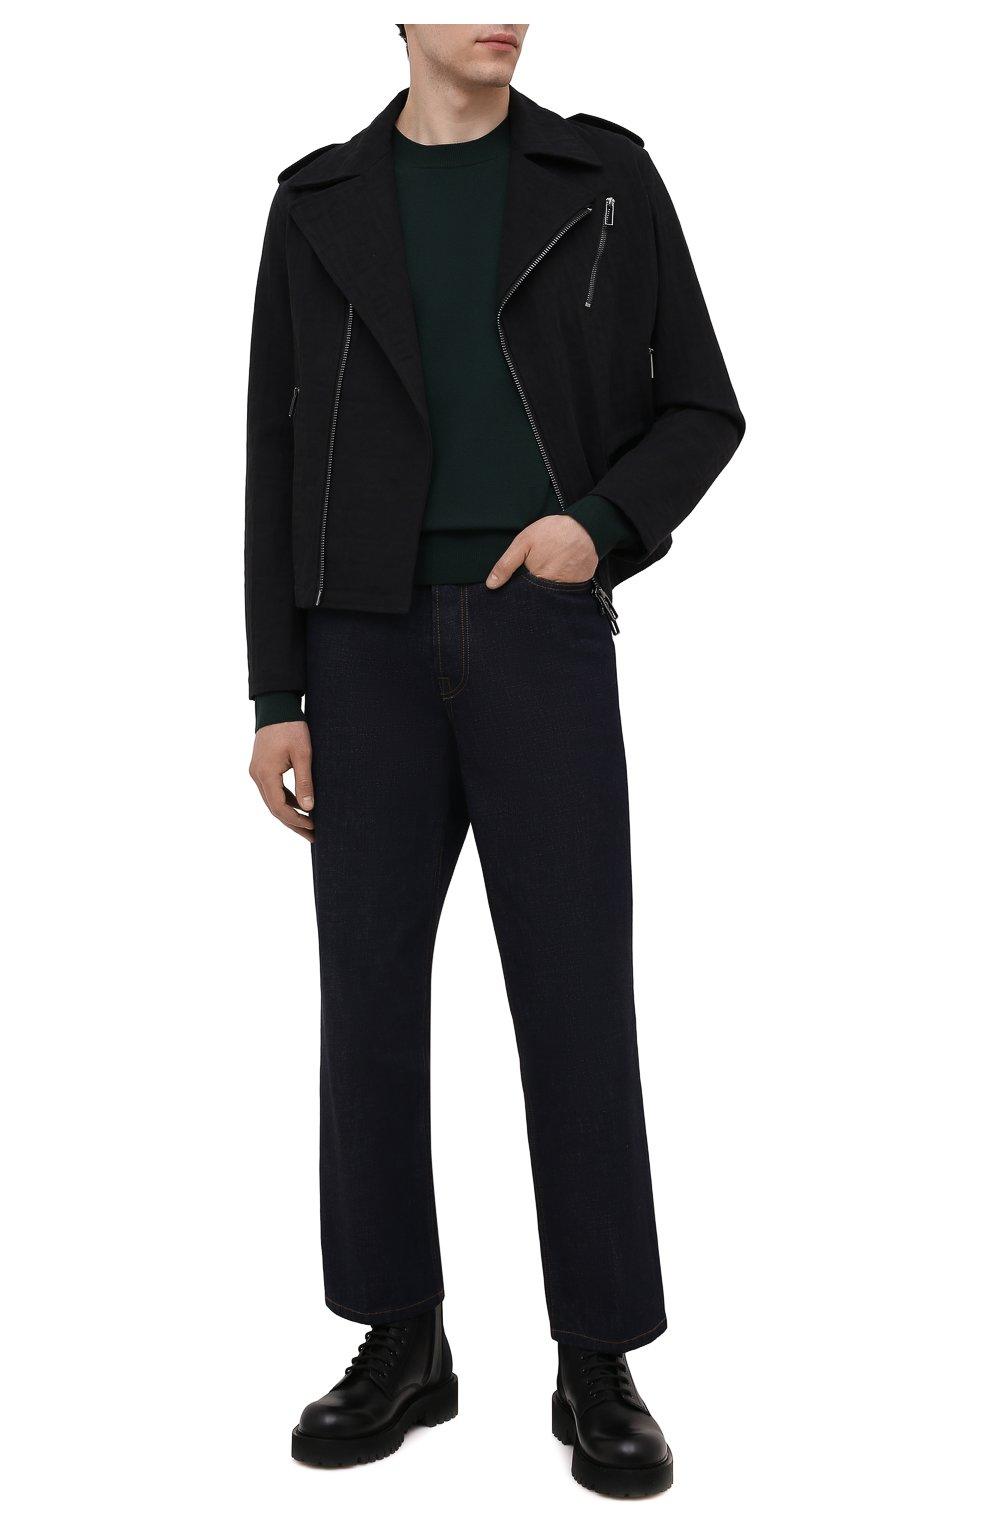 Мужская хлопковая куртка EMPORIO ARMANI черного цвета, арт. 6K1B65/1DE9Z   Фото 2 (Кросс-КТ: Куртка, Ветровка; Рукава: Длинные; Материал внешний: Хлопок; Материал подклада: Синтетический материал; Длина (верхняя одежда): Короткие; Стили: Кэжуэл)